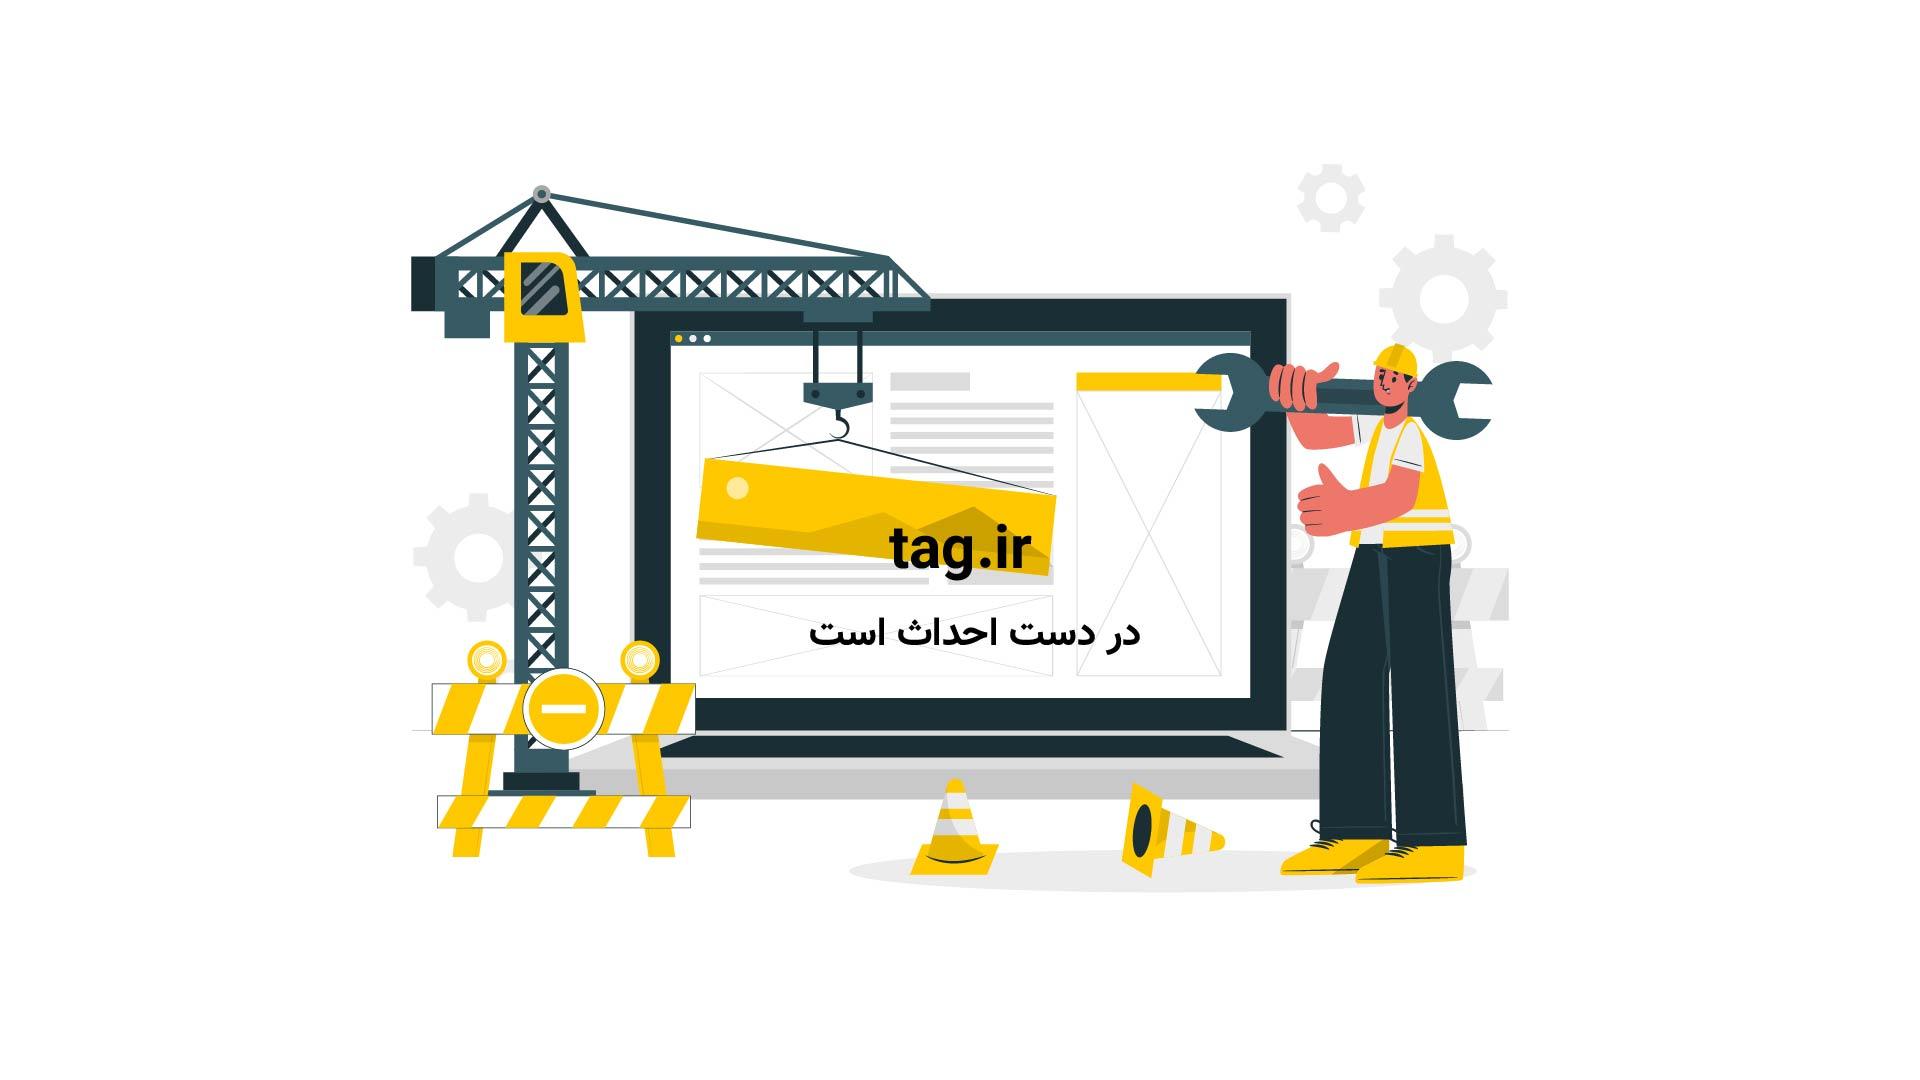 زیبا از برف جاده جواهر ده رامسر ، امروز عصر  ٣٠ آبان | فیلم